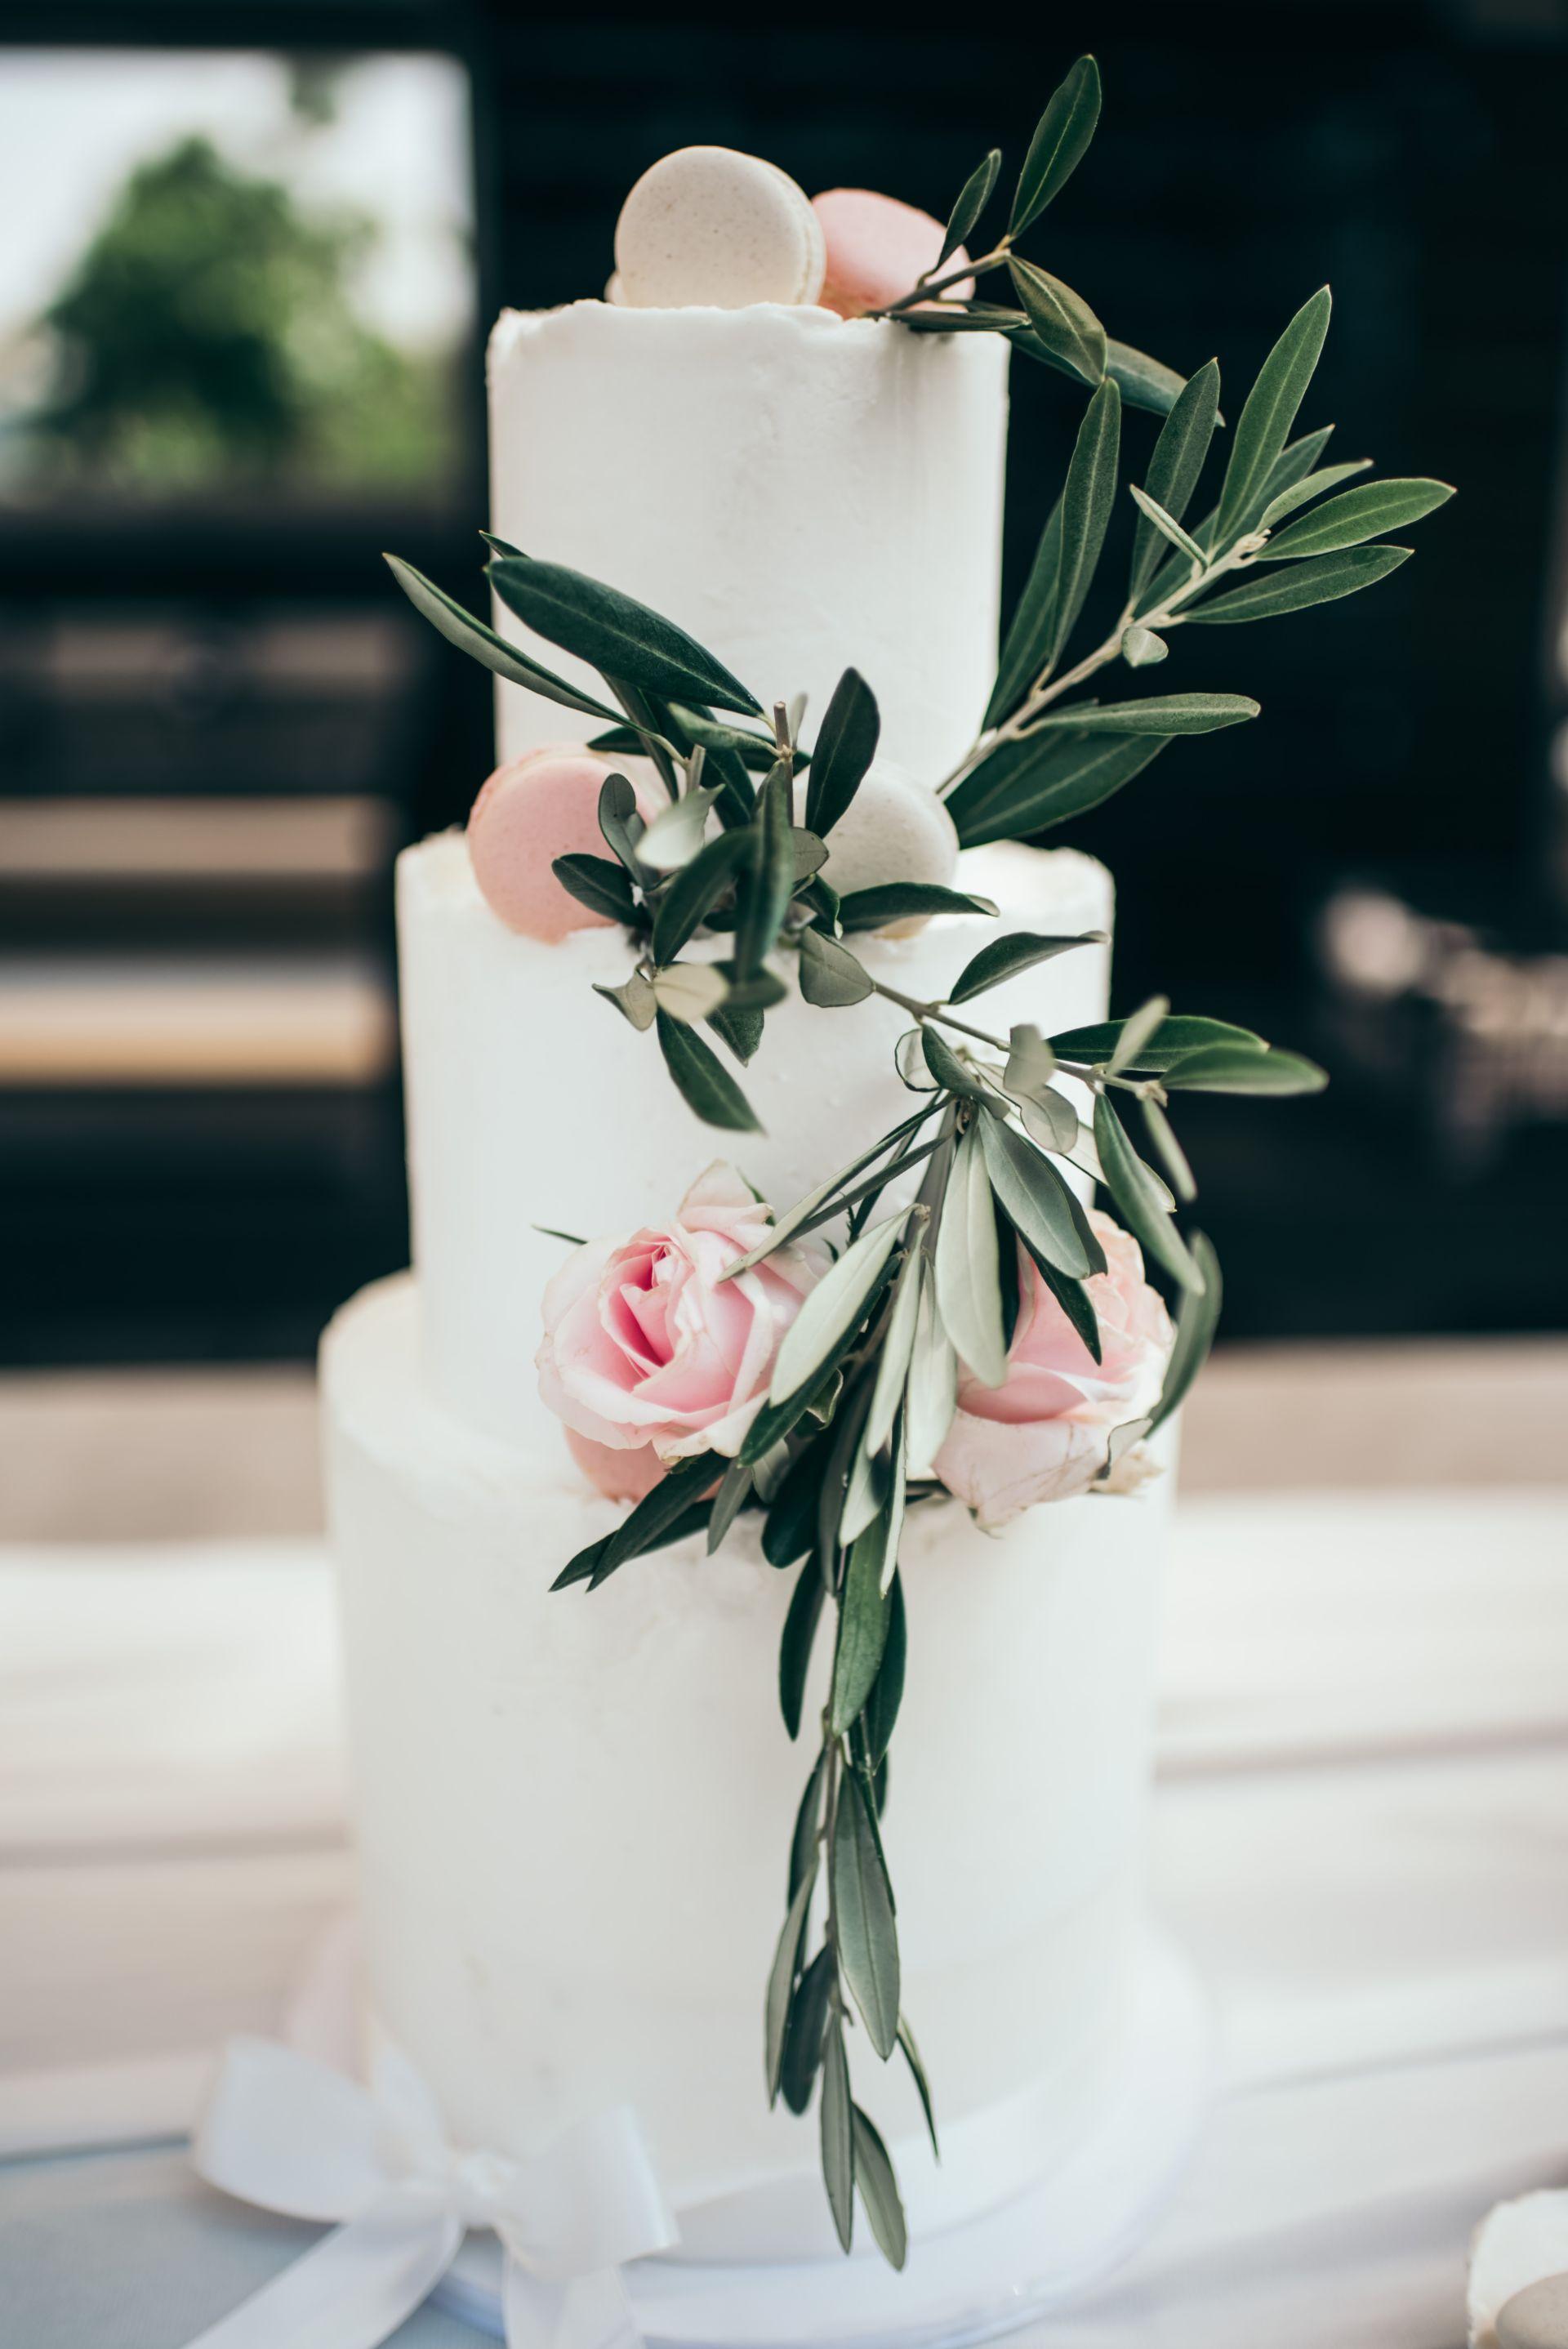 השראה: רעיונות לחתונה באווירה ים-תיכונית